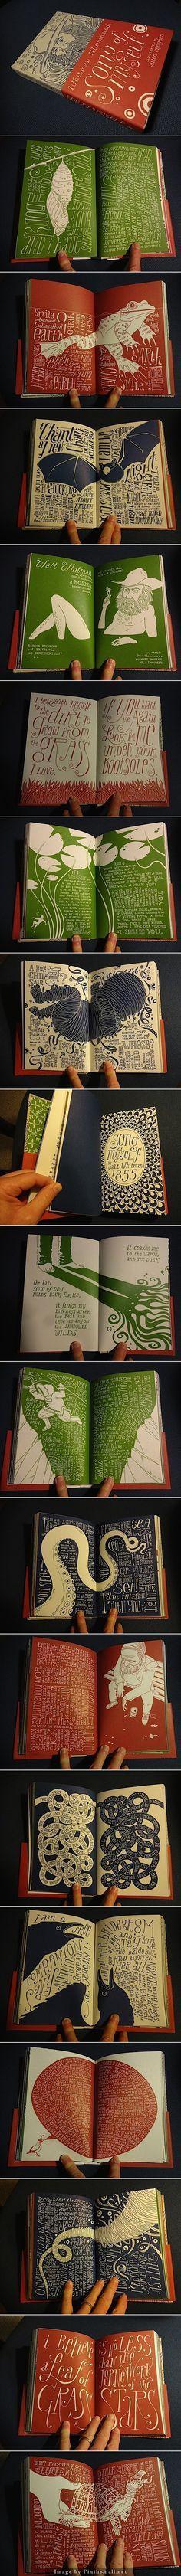 """Qué maravilla de libro! El ilustrador Allen Crawford ha reinterpretado el poema de 60 páginas de Whitman (editado en 1855) y la ha convertido en en una obra de arte de 256 páginas. Con textos escritos a mano e ilustraciones entremezcladas de una manera sorprendente y en total sintonía con el espíritu exuberante, áspero y salvaje del poema. """"Whitman Illuminated: Song of Myself"""" debe ser una sensacional experiencia de lectura."""